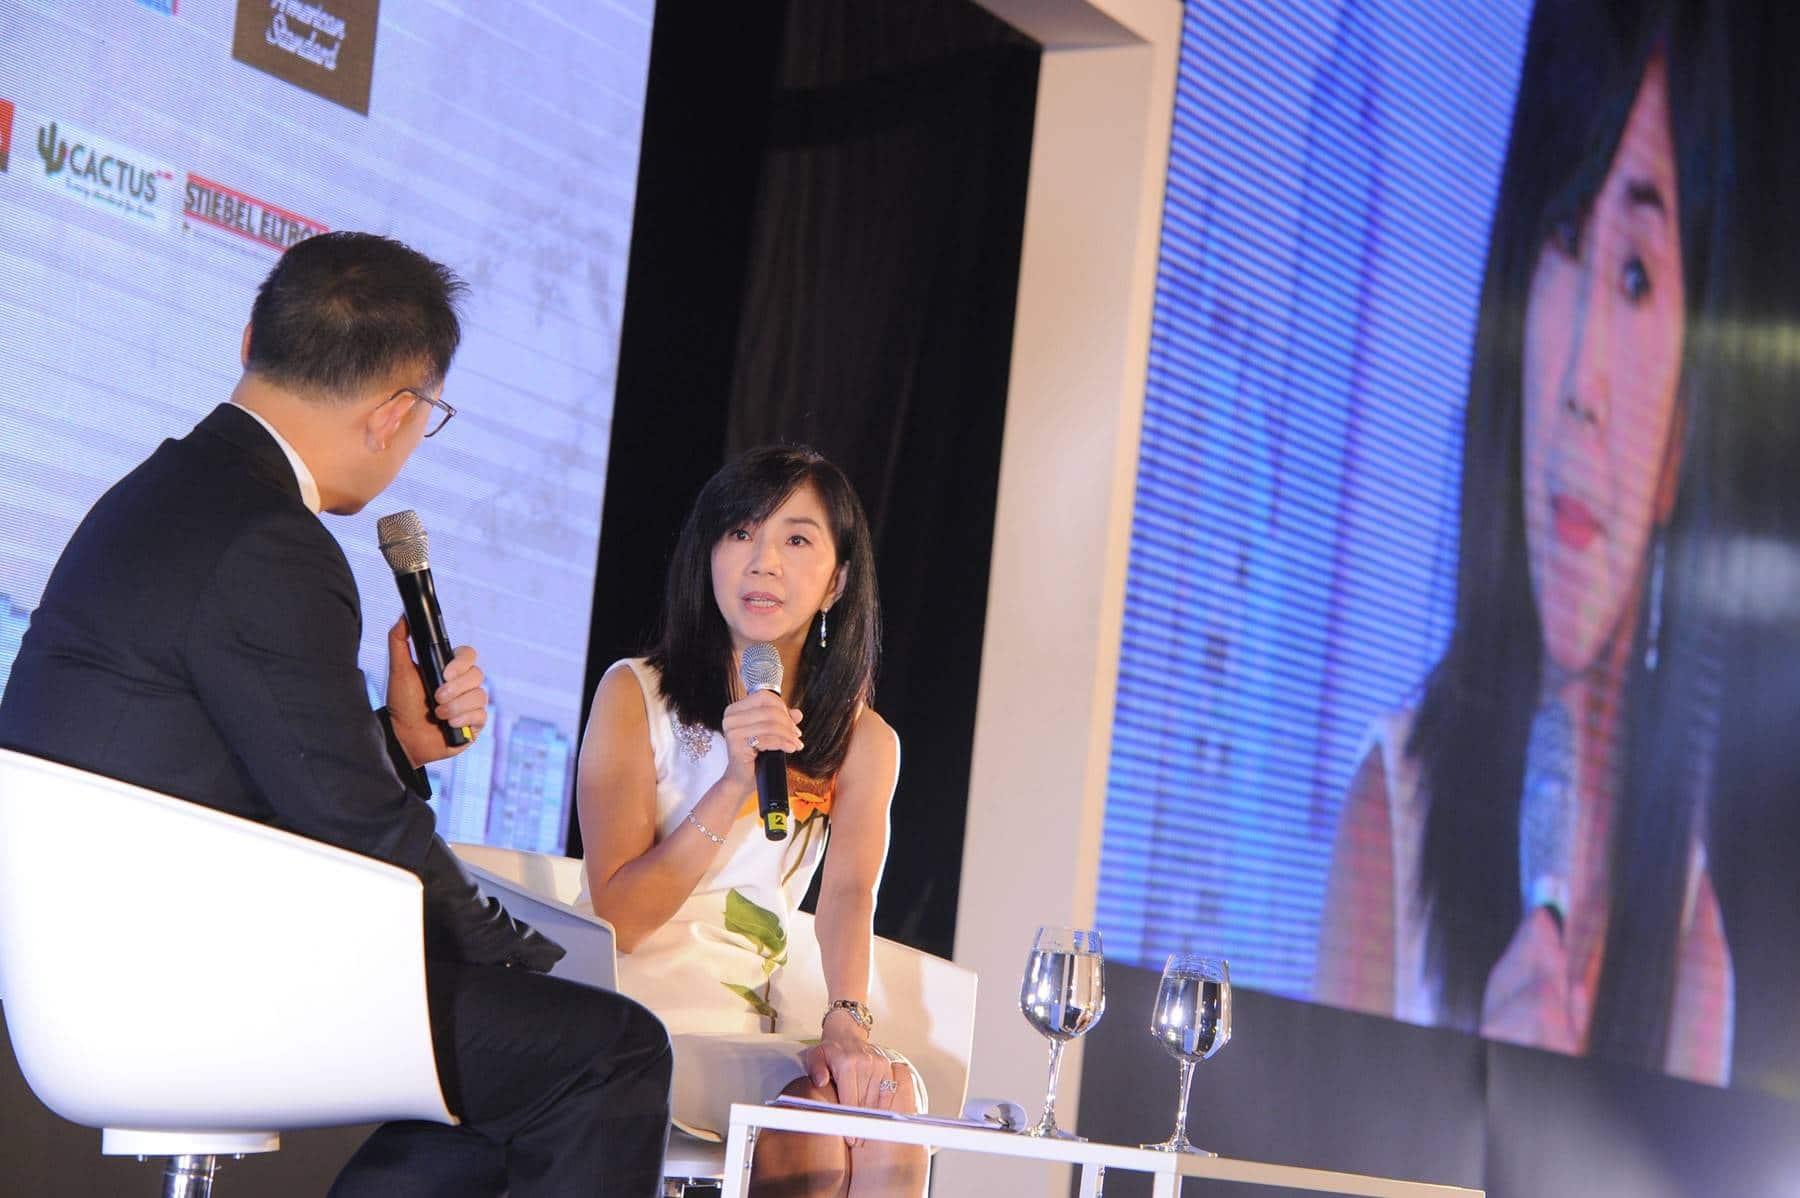 นักธุรกิจวัสดุฯชี้ช่องอสังหาฯกัมพูชาปี61โตกว่า30 โอกาสทองนักลงทุนสถาปนิกไทย | Prop2Morrow บ้าน คอนโด ข่าวอสังหาฯ